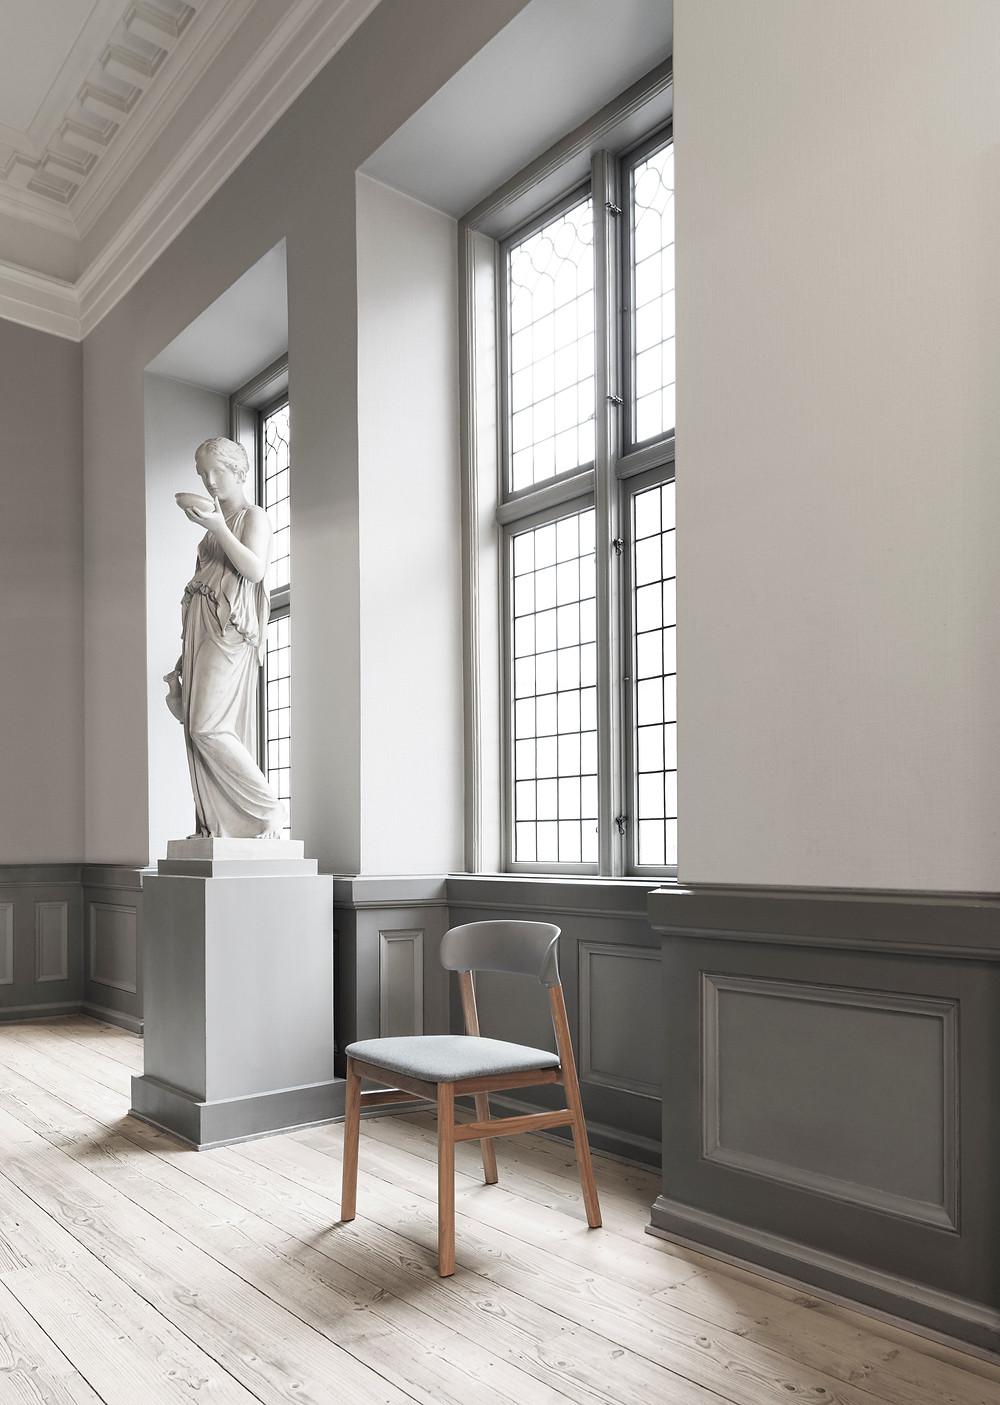 Herit tool mõjub oma hallis maheduses väärikasse interjööri.